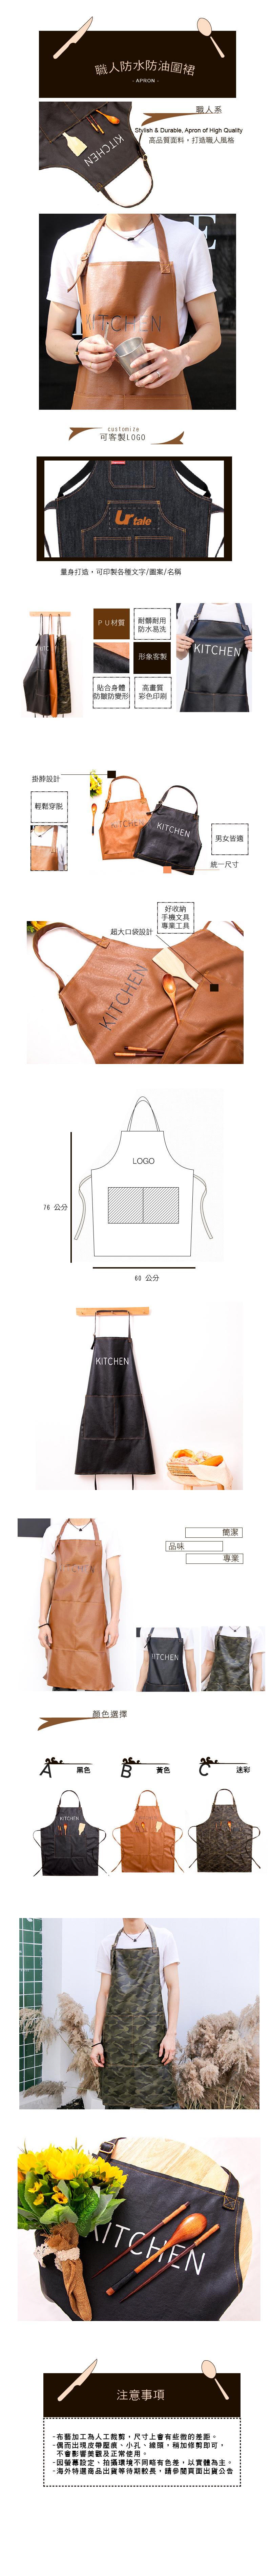 1102職人防水防油圍裙